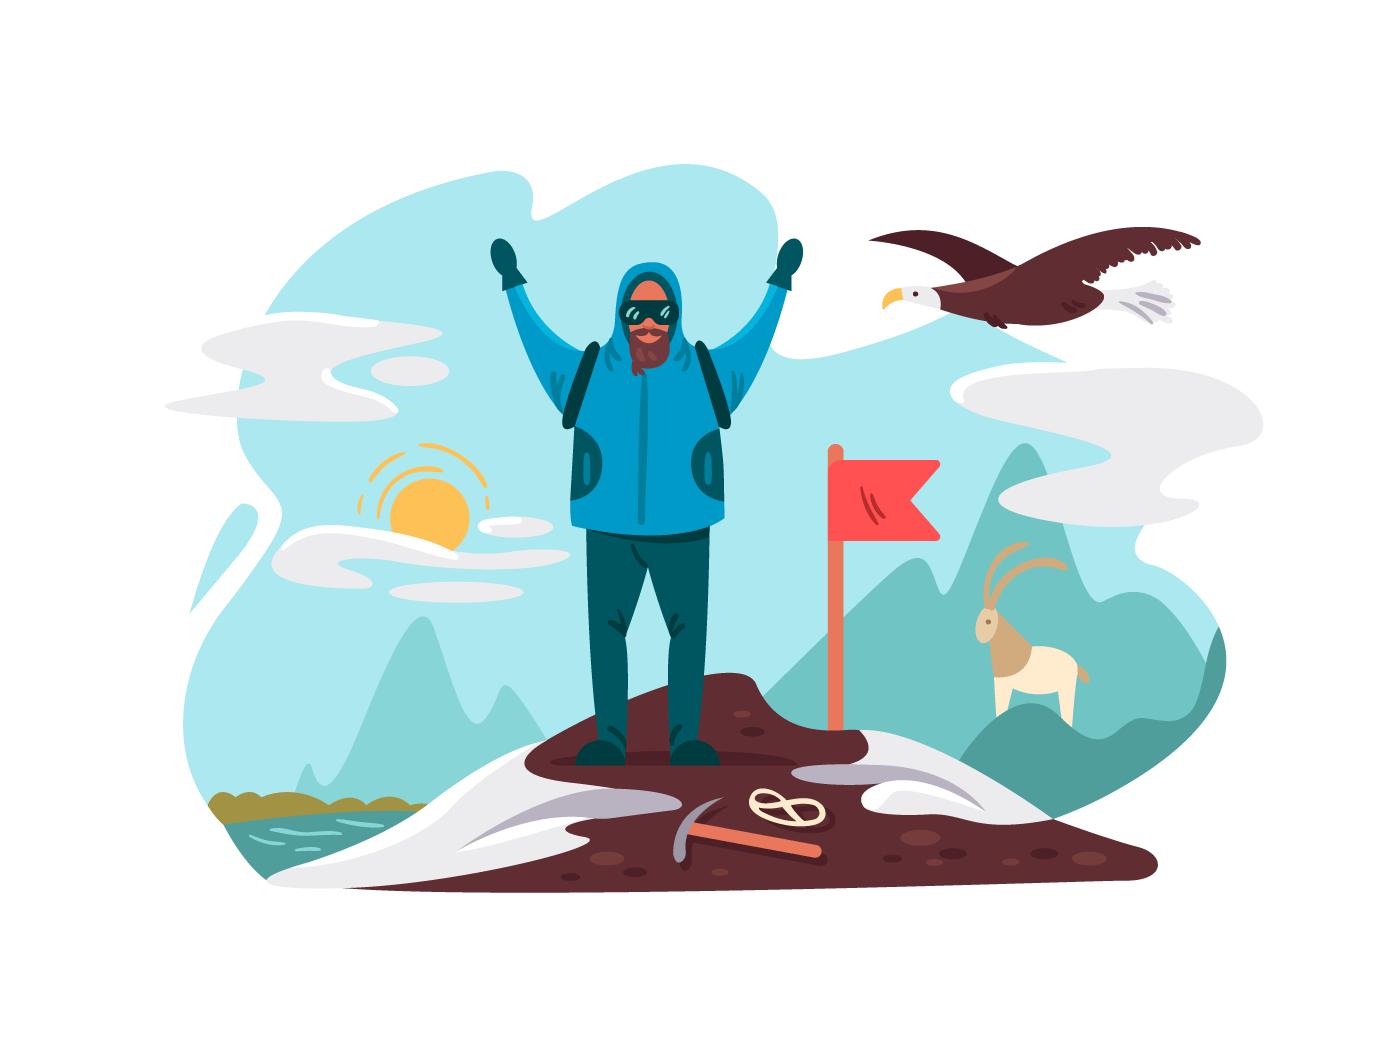 Happy mountaineer on top mountain illustration